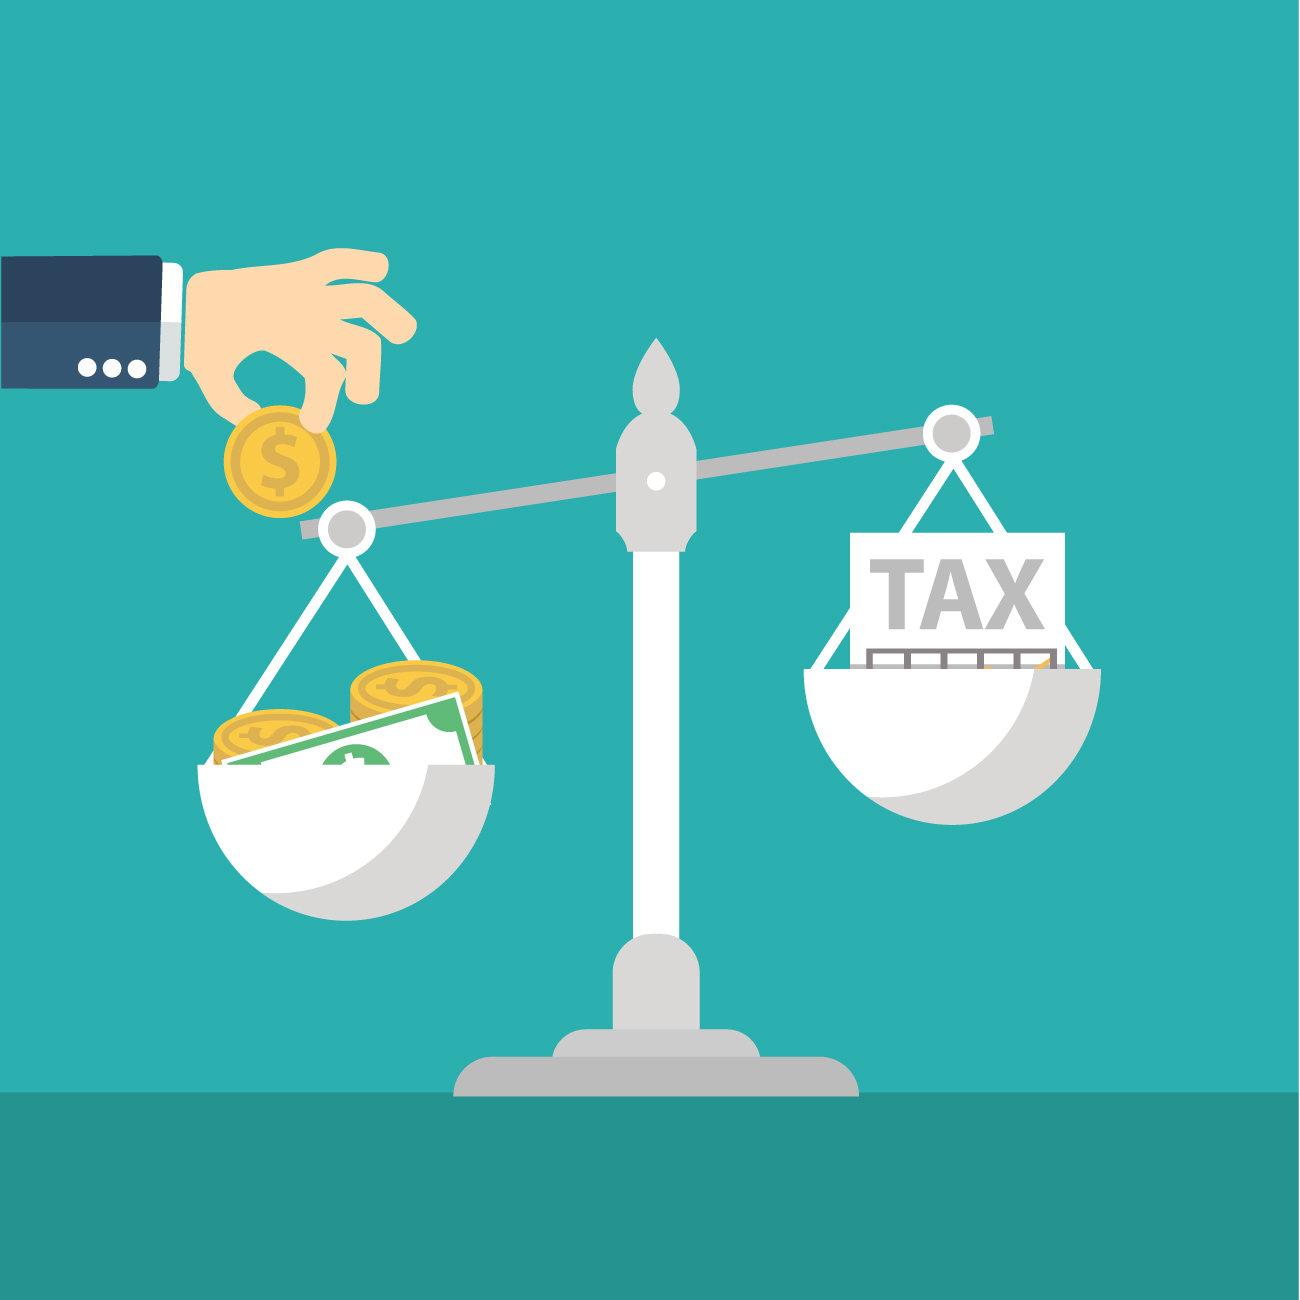 Basic (India) Income Tax & GST Advisory